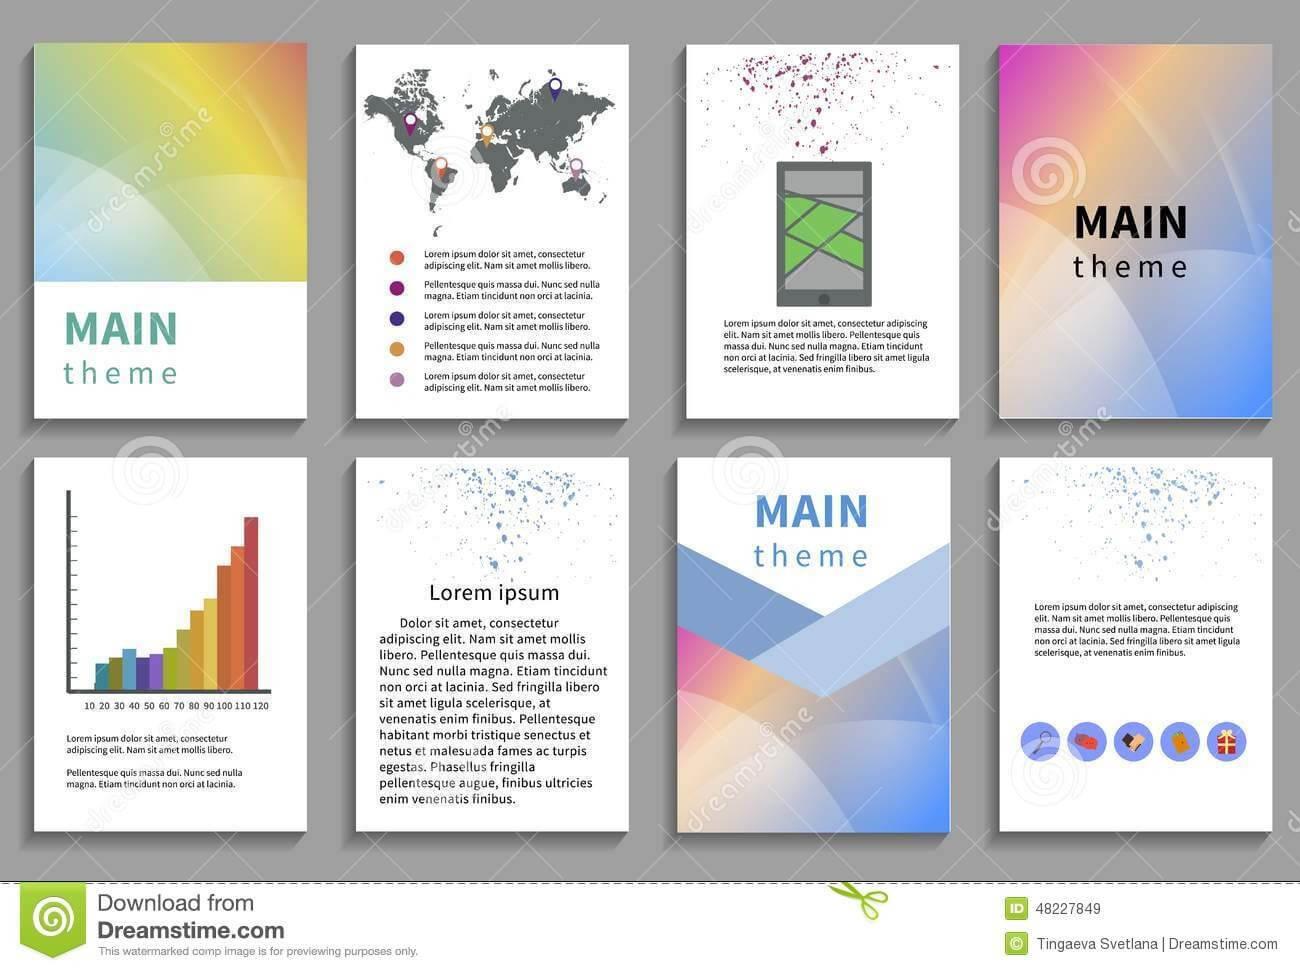 Online Brochure Template Free Ukran Agdiffusion Com inside Online Brochure Template Free